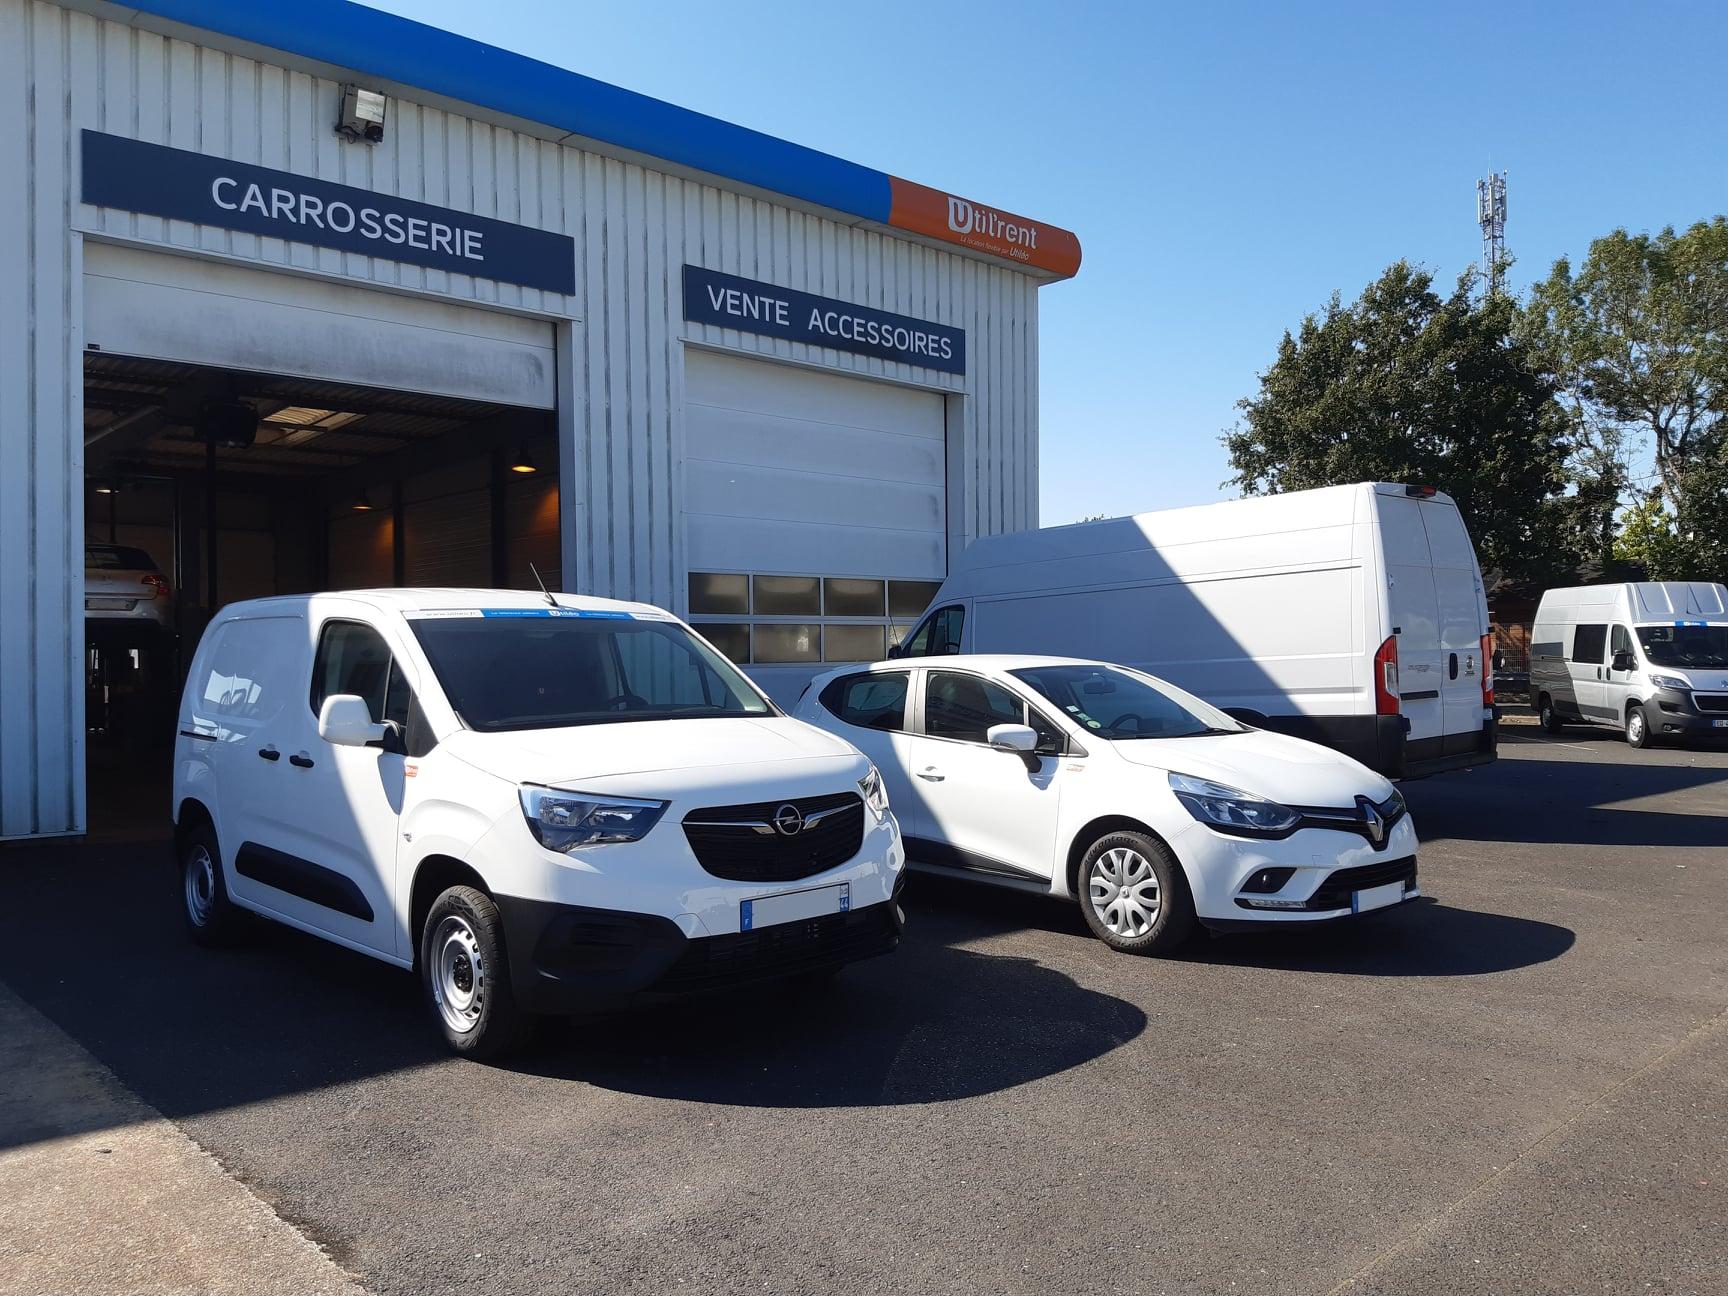 Location d'un fourgon compact et d'un véhicule de société en région Parisienne (92) - Opel Combo LH1 & Renault Clio société - Vue1